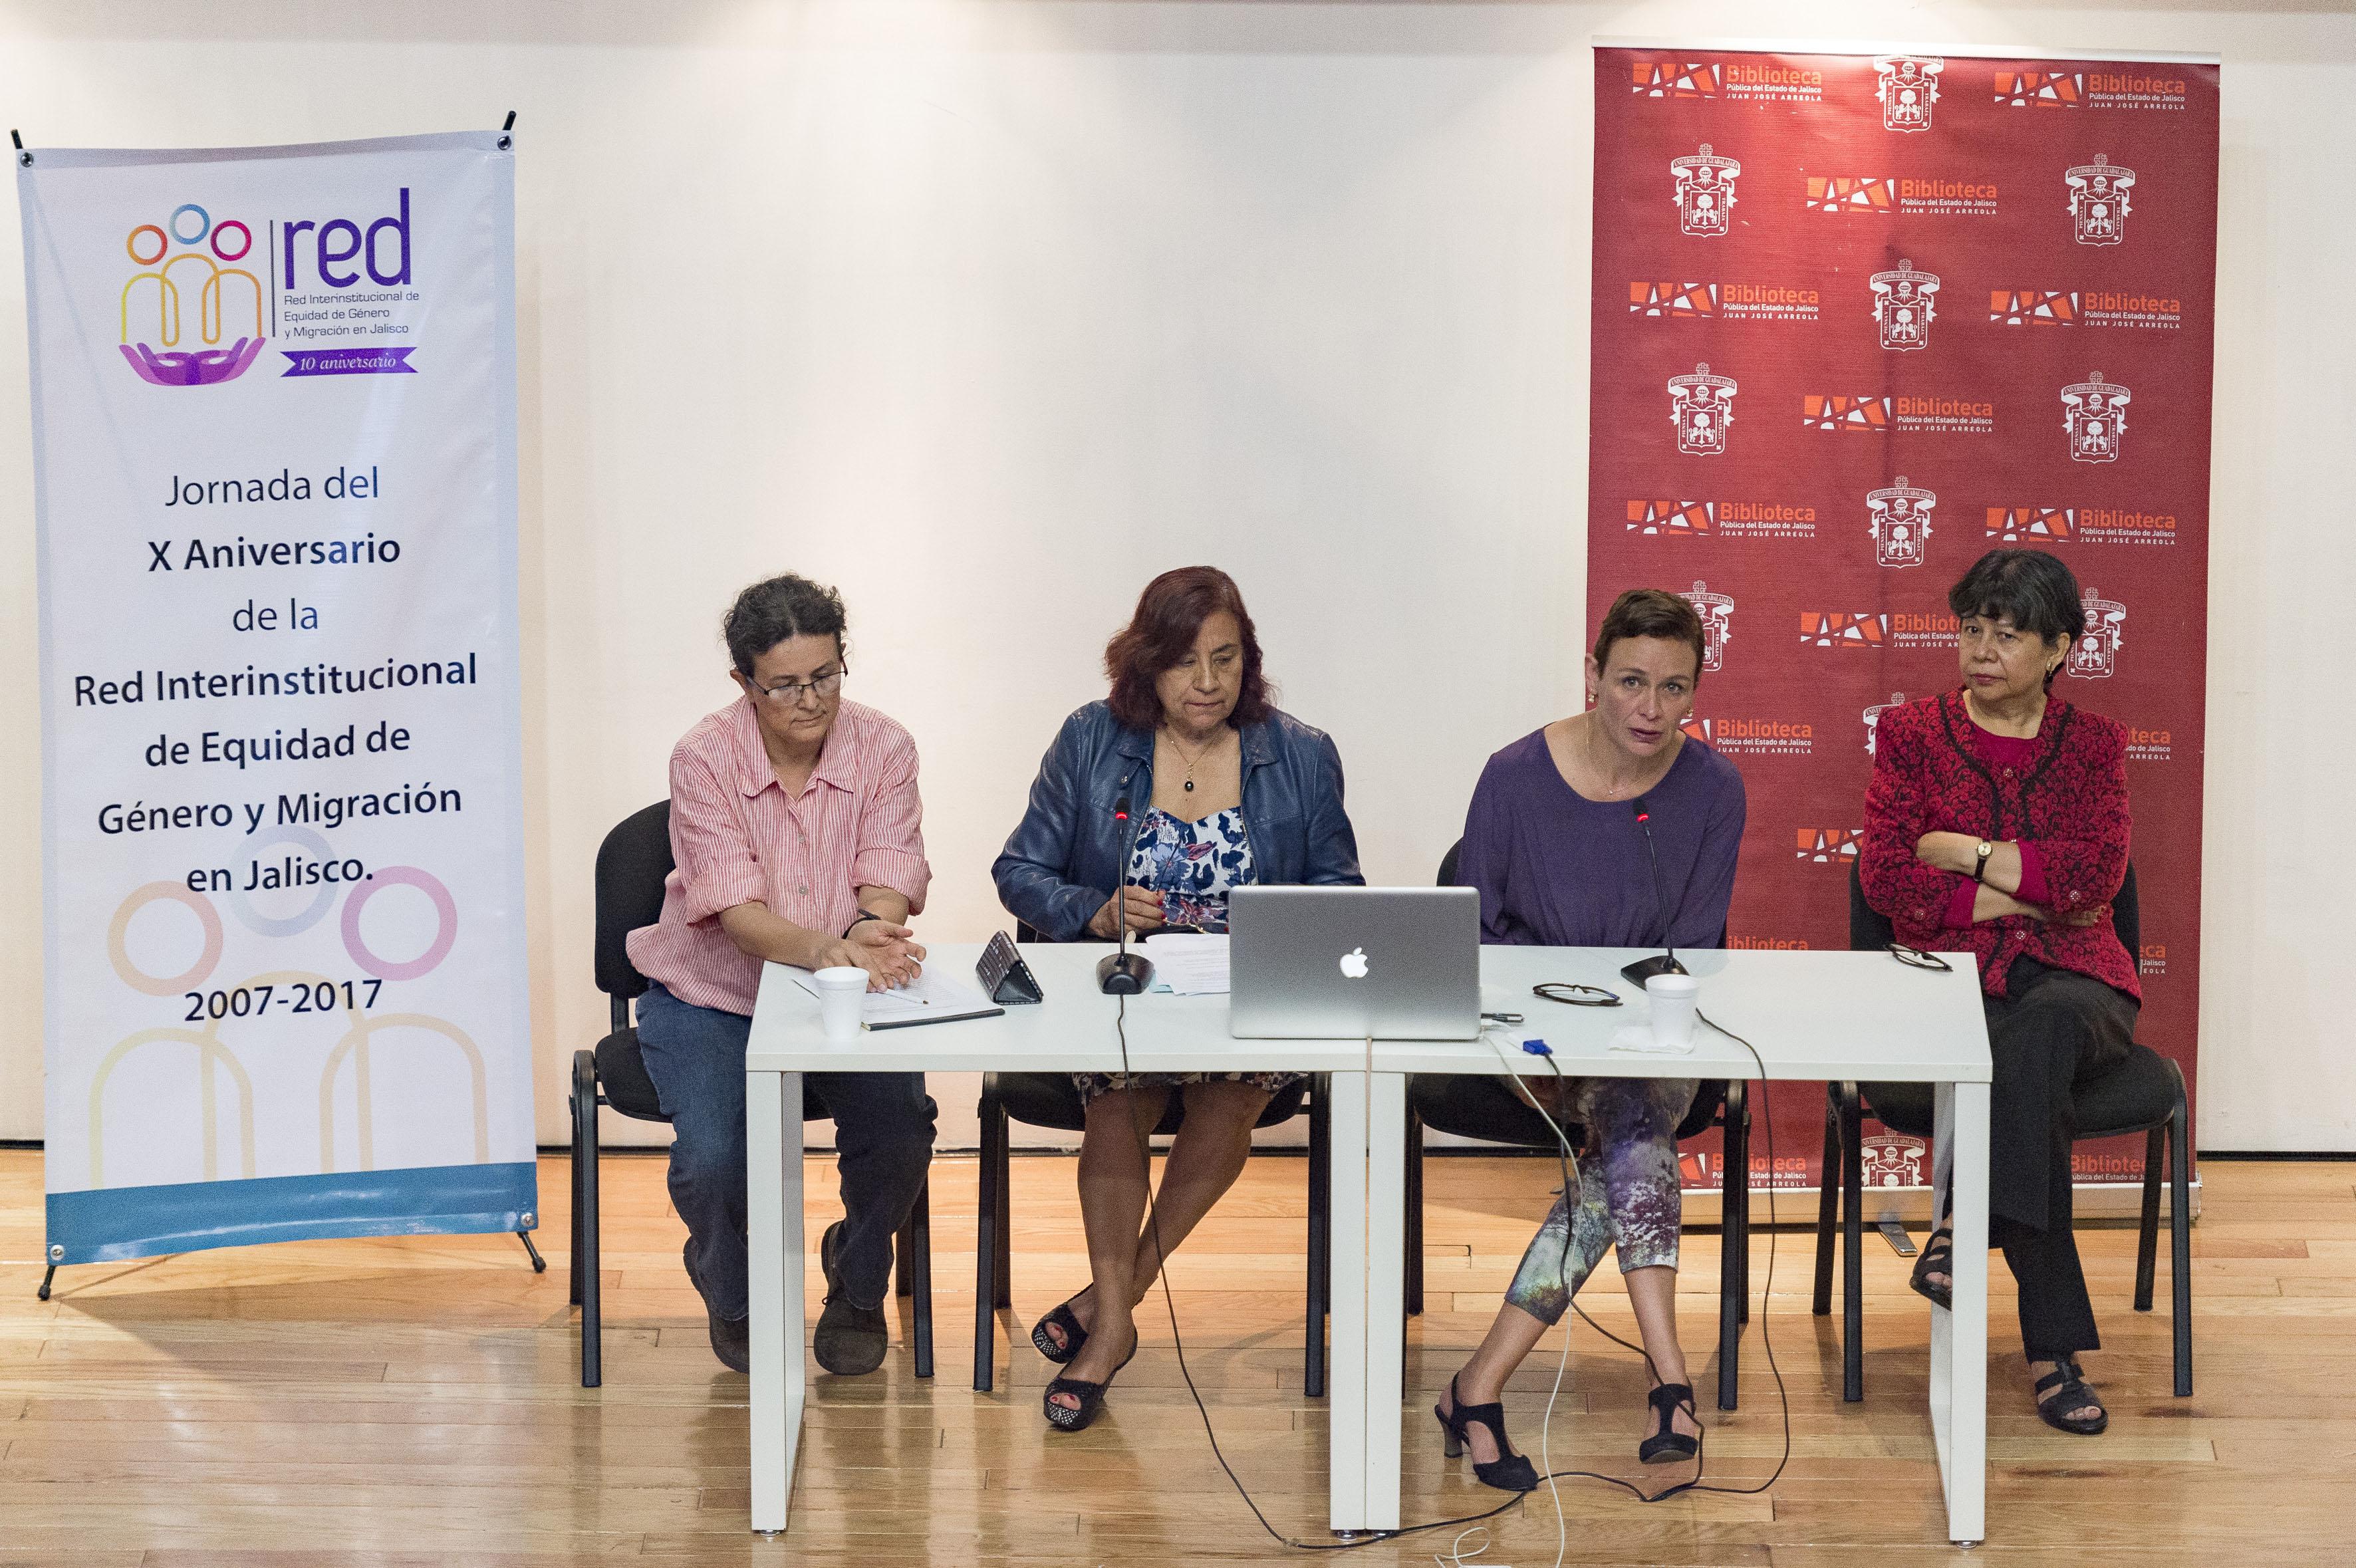 Investigadoras participantes en la jornada del X aniversario de la Red Interinstitucional de Equidad de Género y Migración en Jalisco.